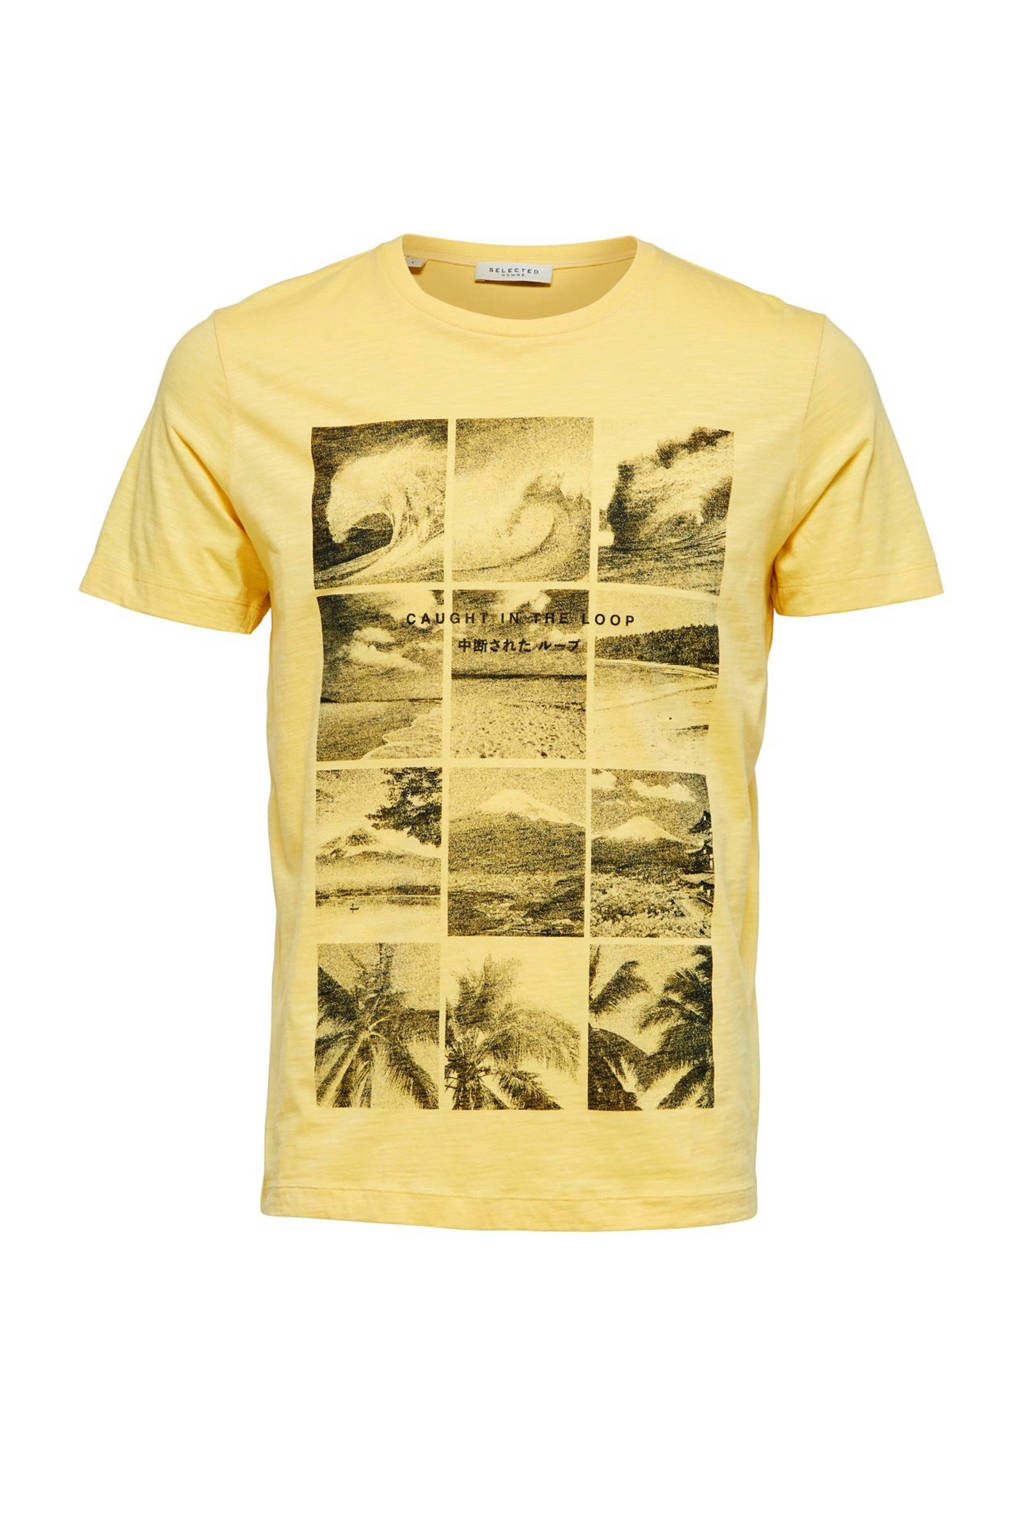 SELECTED HOMME T-shirt met printopdruk, Geel